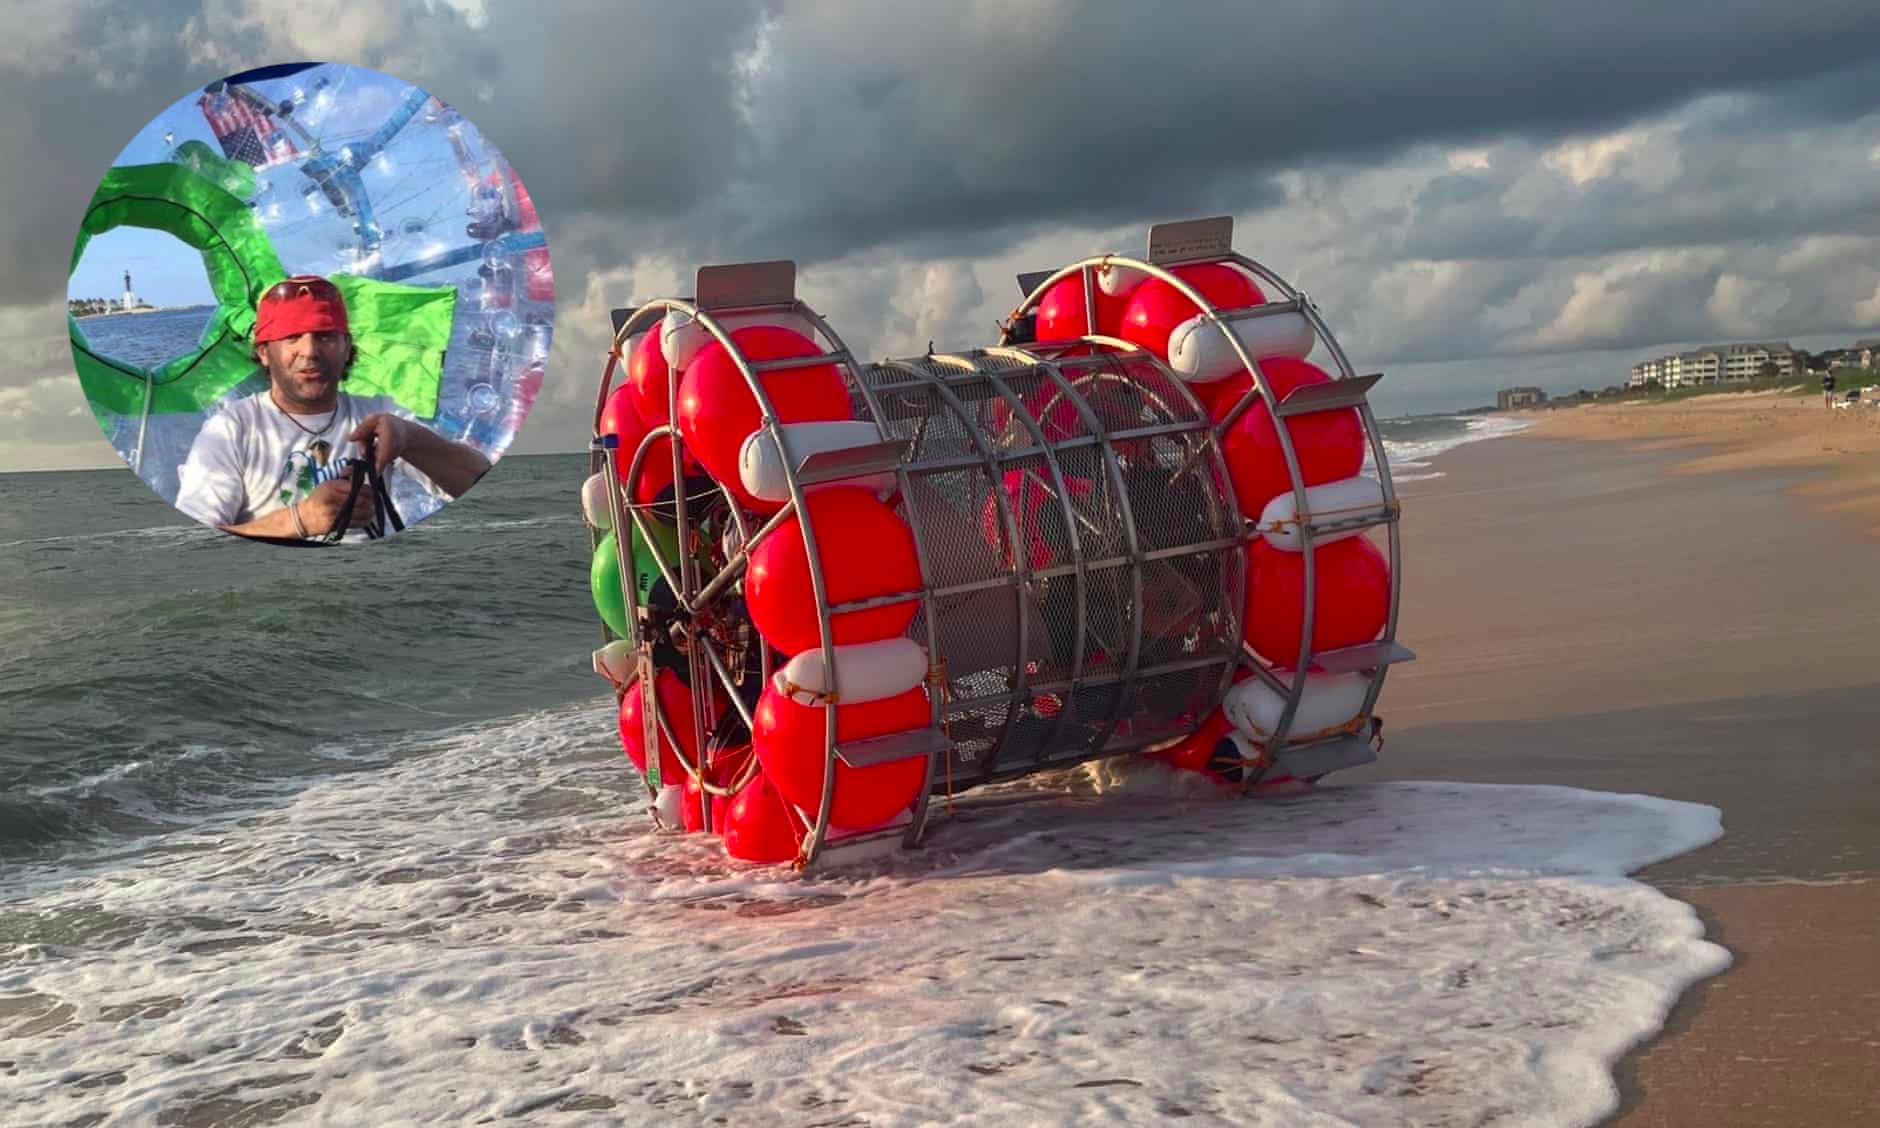 Il construit une roue flottante pour courir 1600 kilomètres… sur l'eau